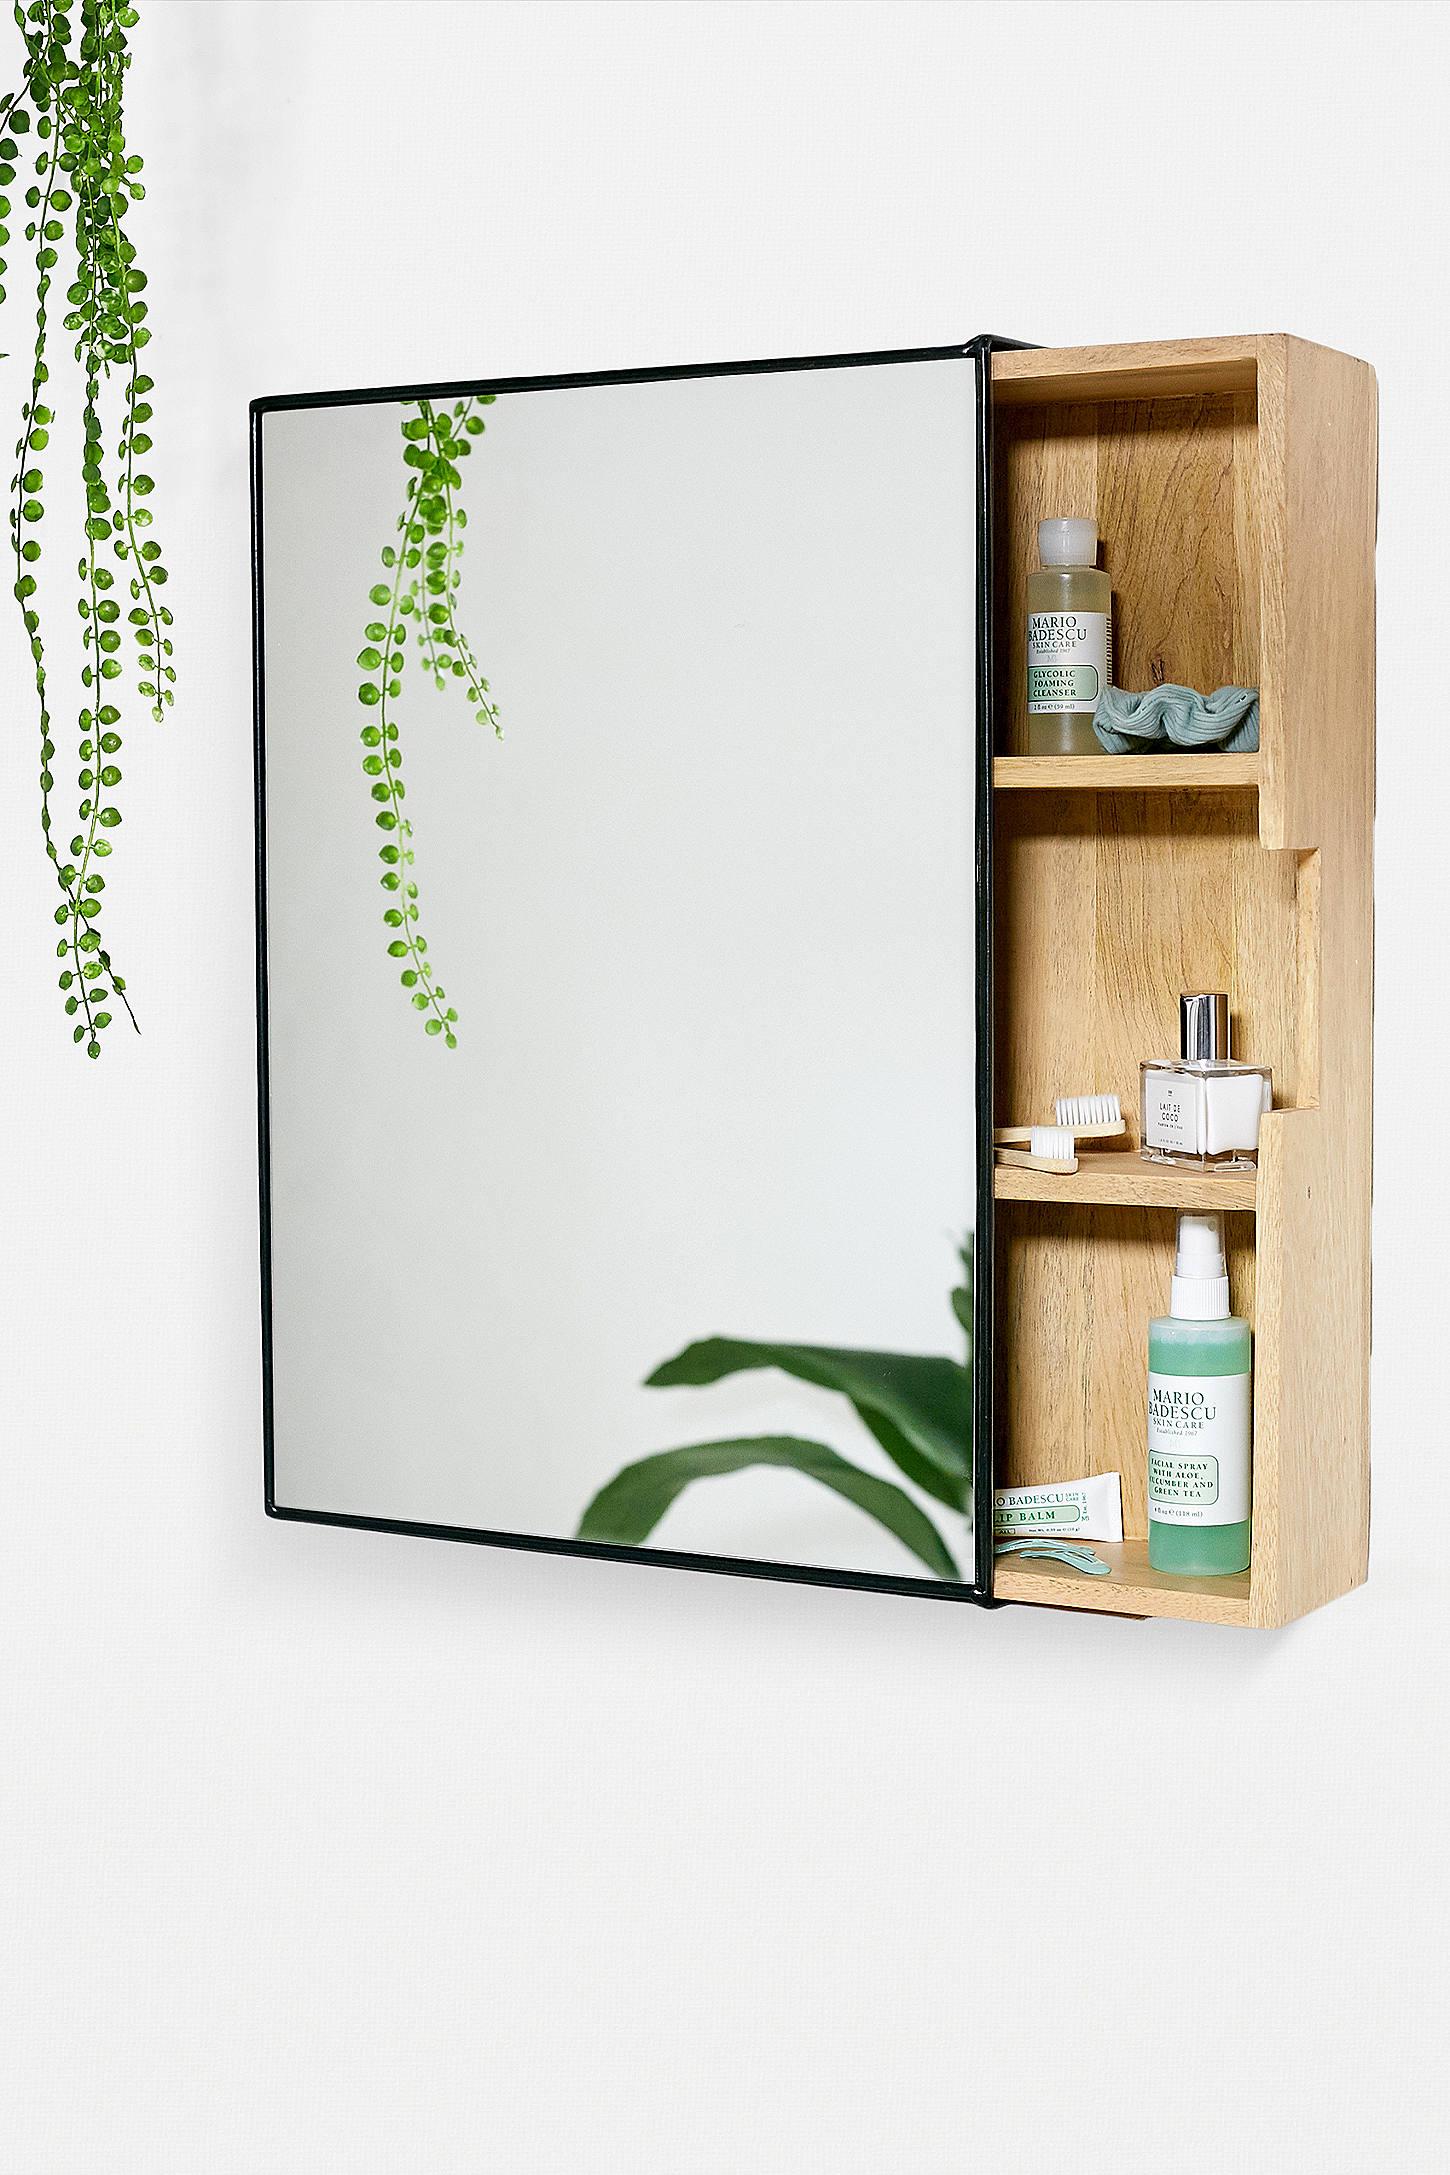 Spiegelschrank Plymouth Urban Outfitters De Spiegelschrank Badspiegelschrank Spiegelschrank Holz